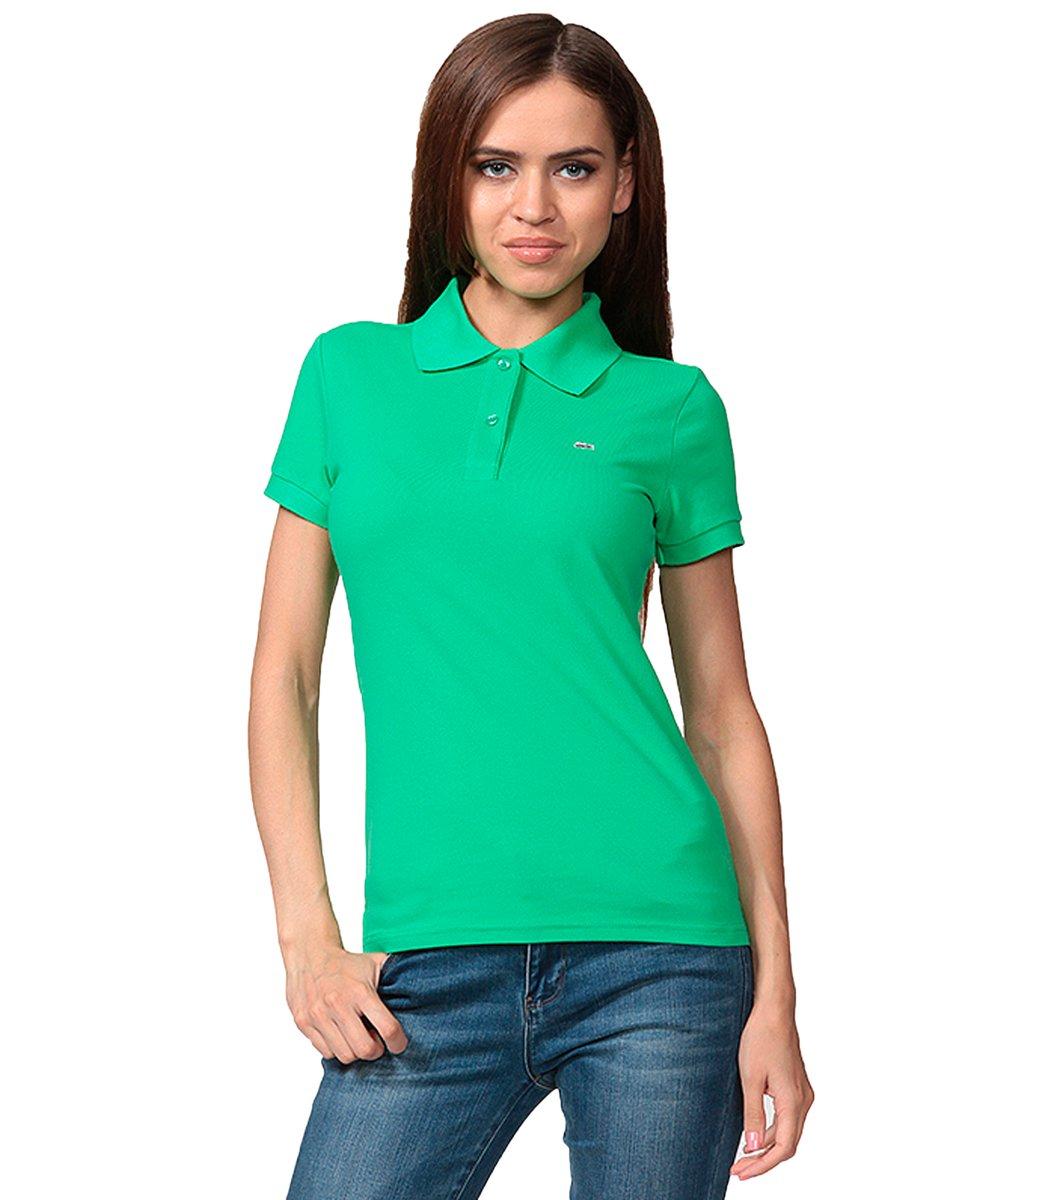 252404efebf34 Купить женскую зеленую футболку поло Lacoste в Москве